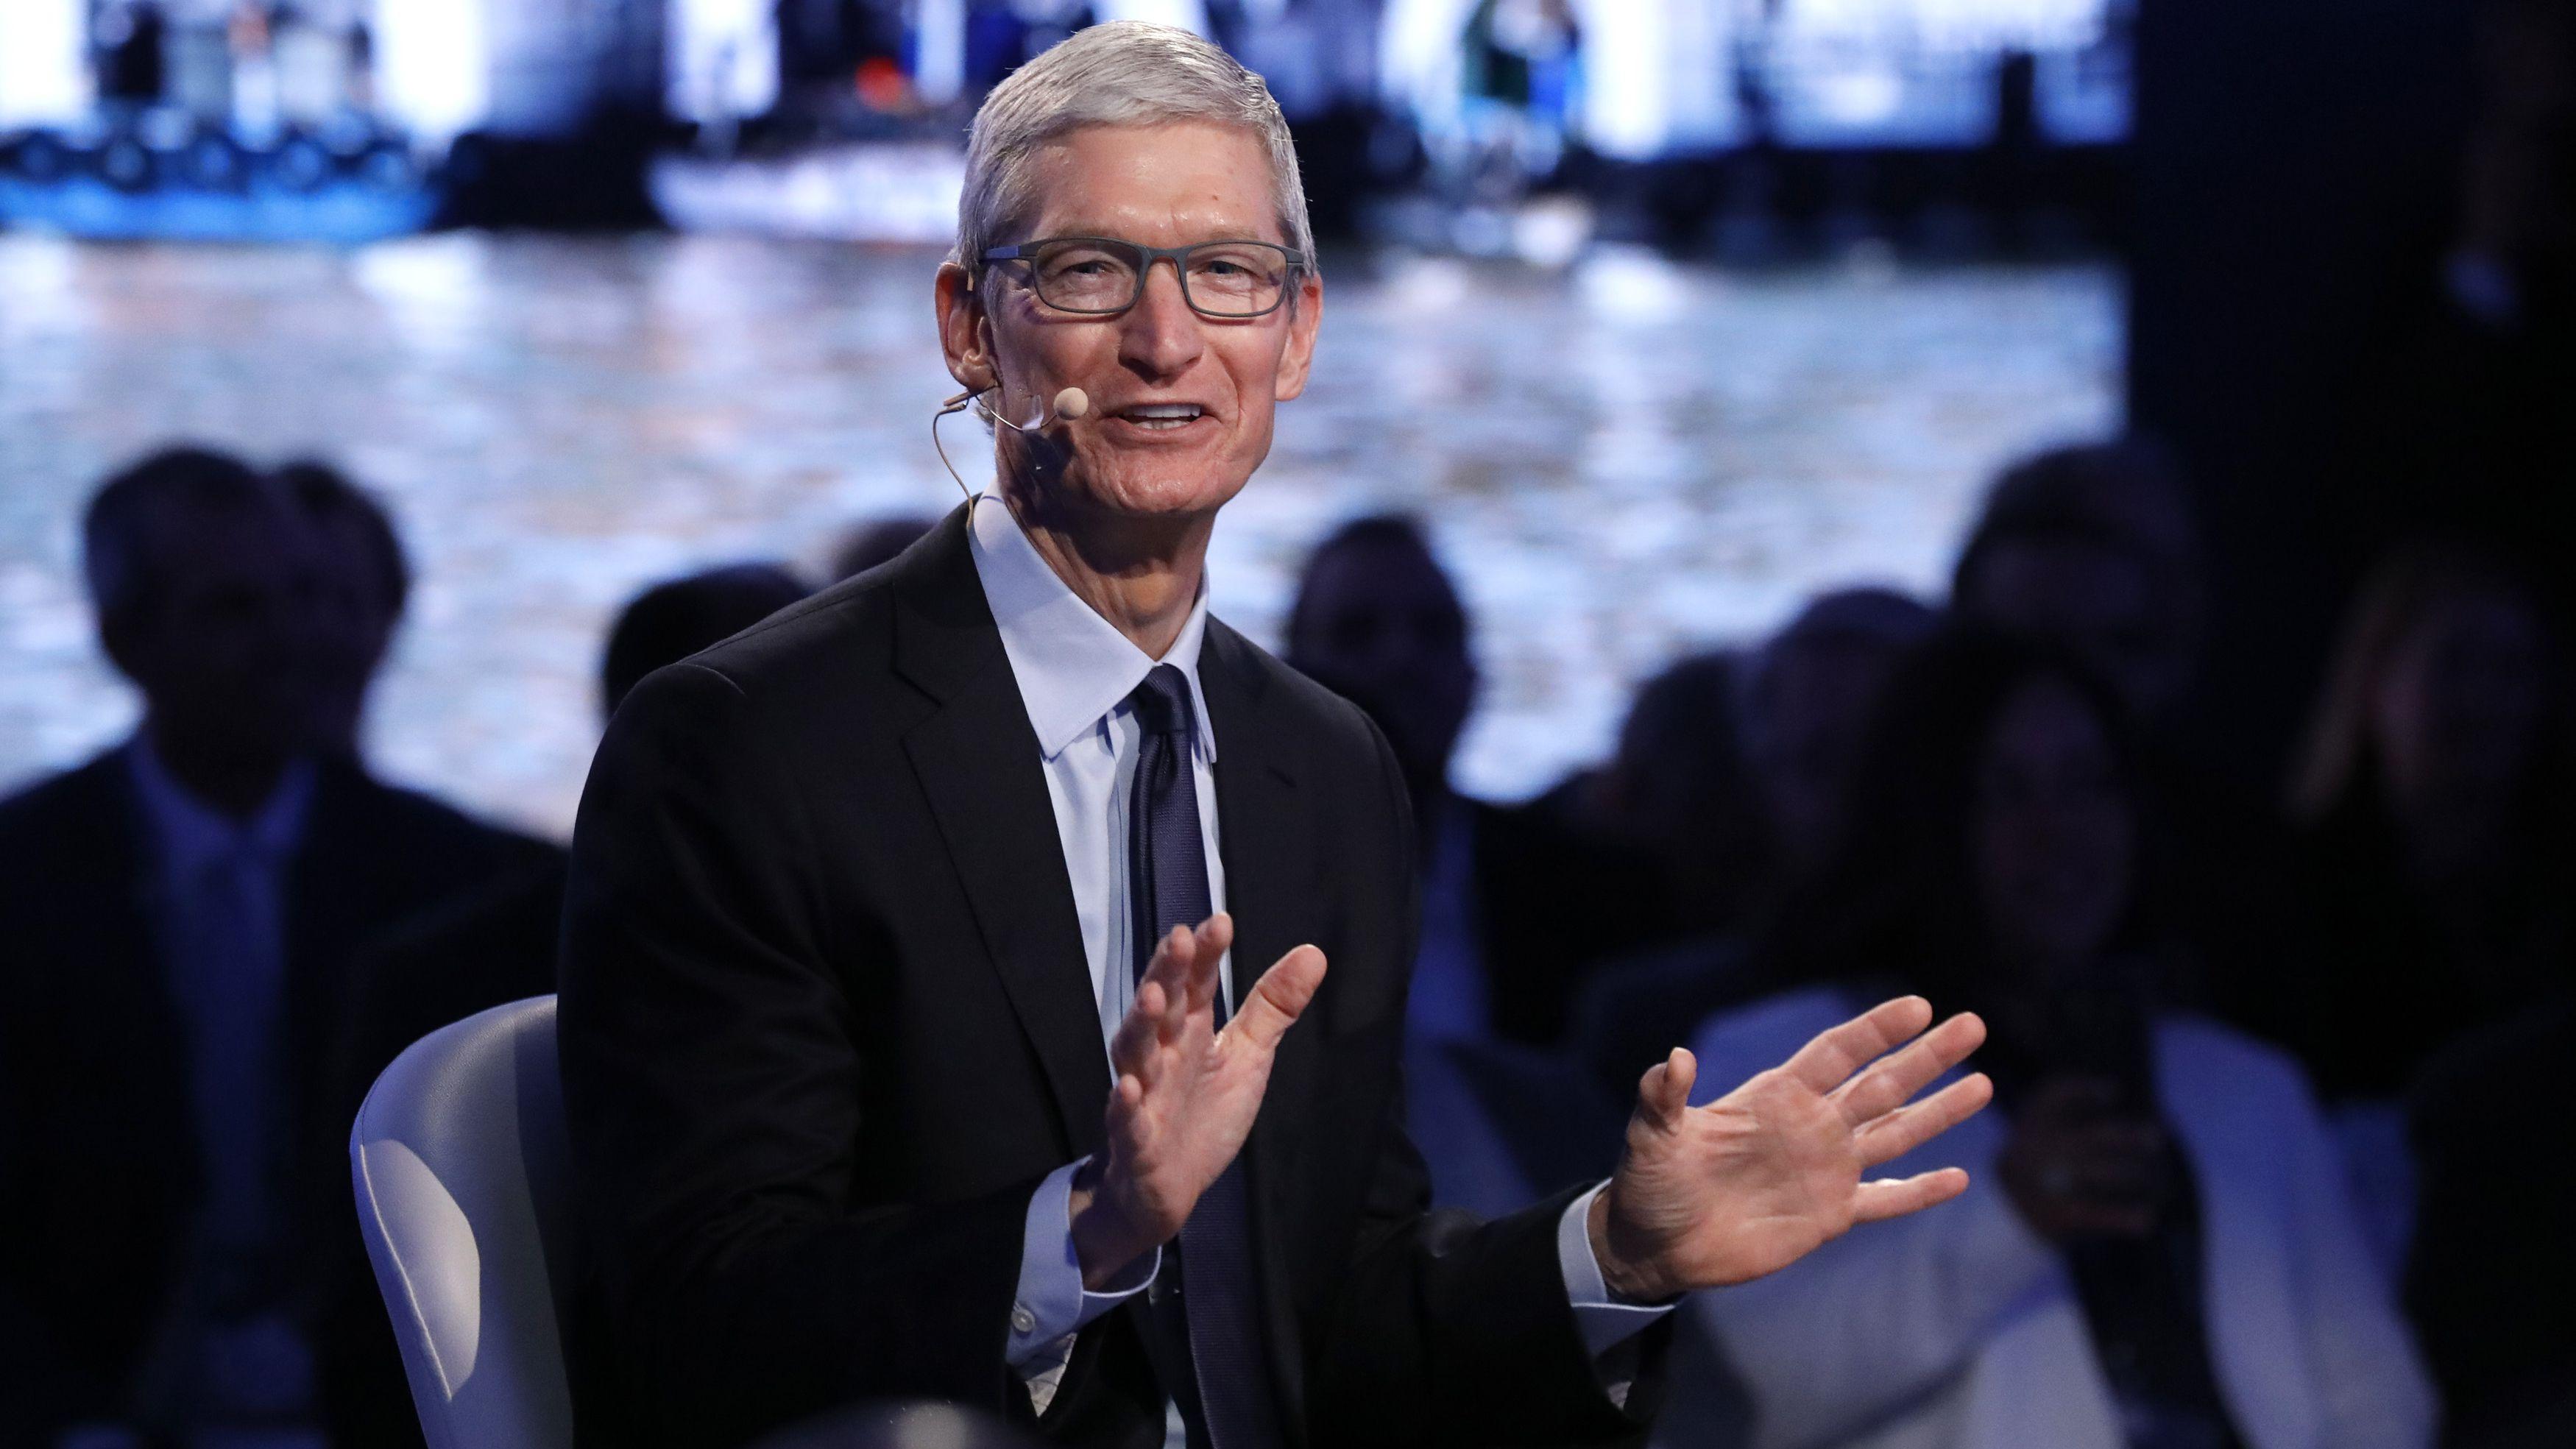 Apple CEO Tim Cook speaks at The Bloomberg Global Business Forum in New York, U.S., September 20, 2017. REUTERS/Brendan Mcdermid